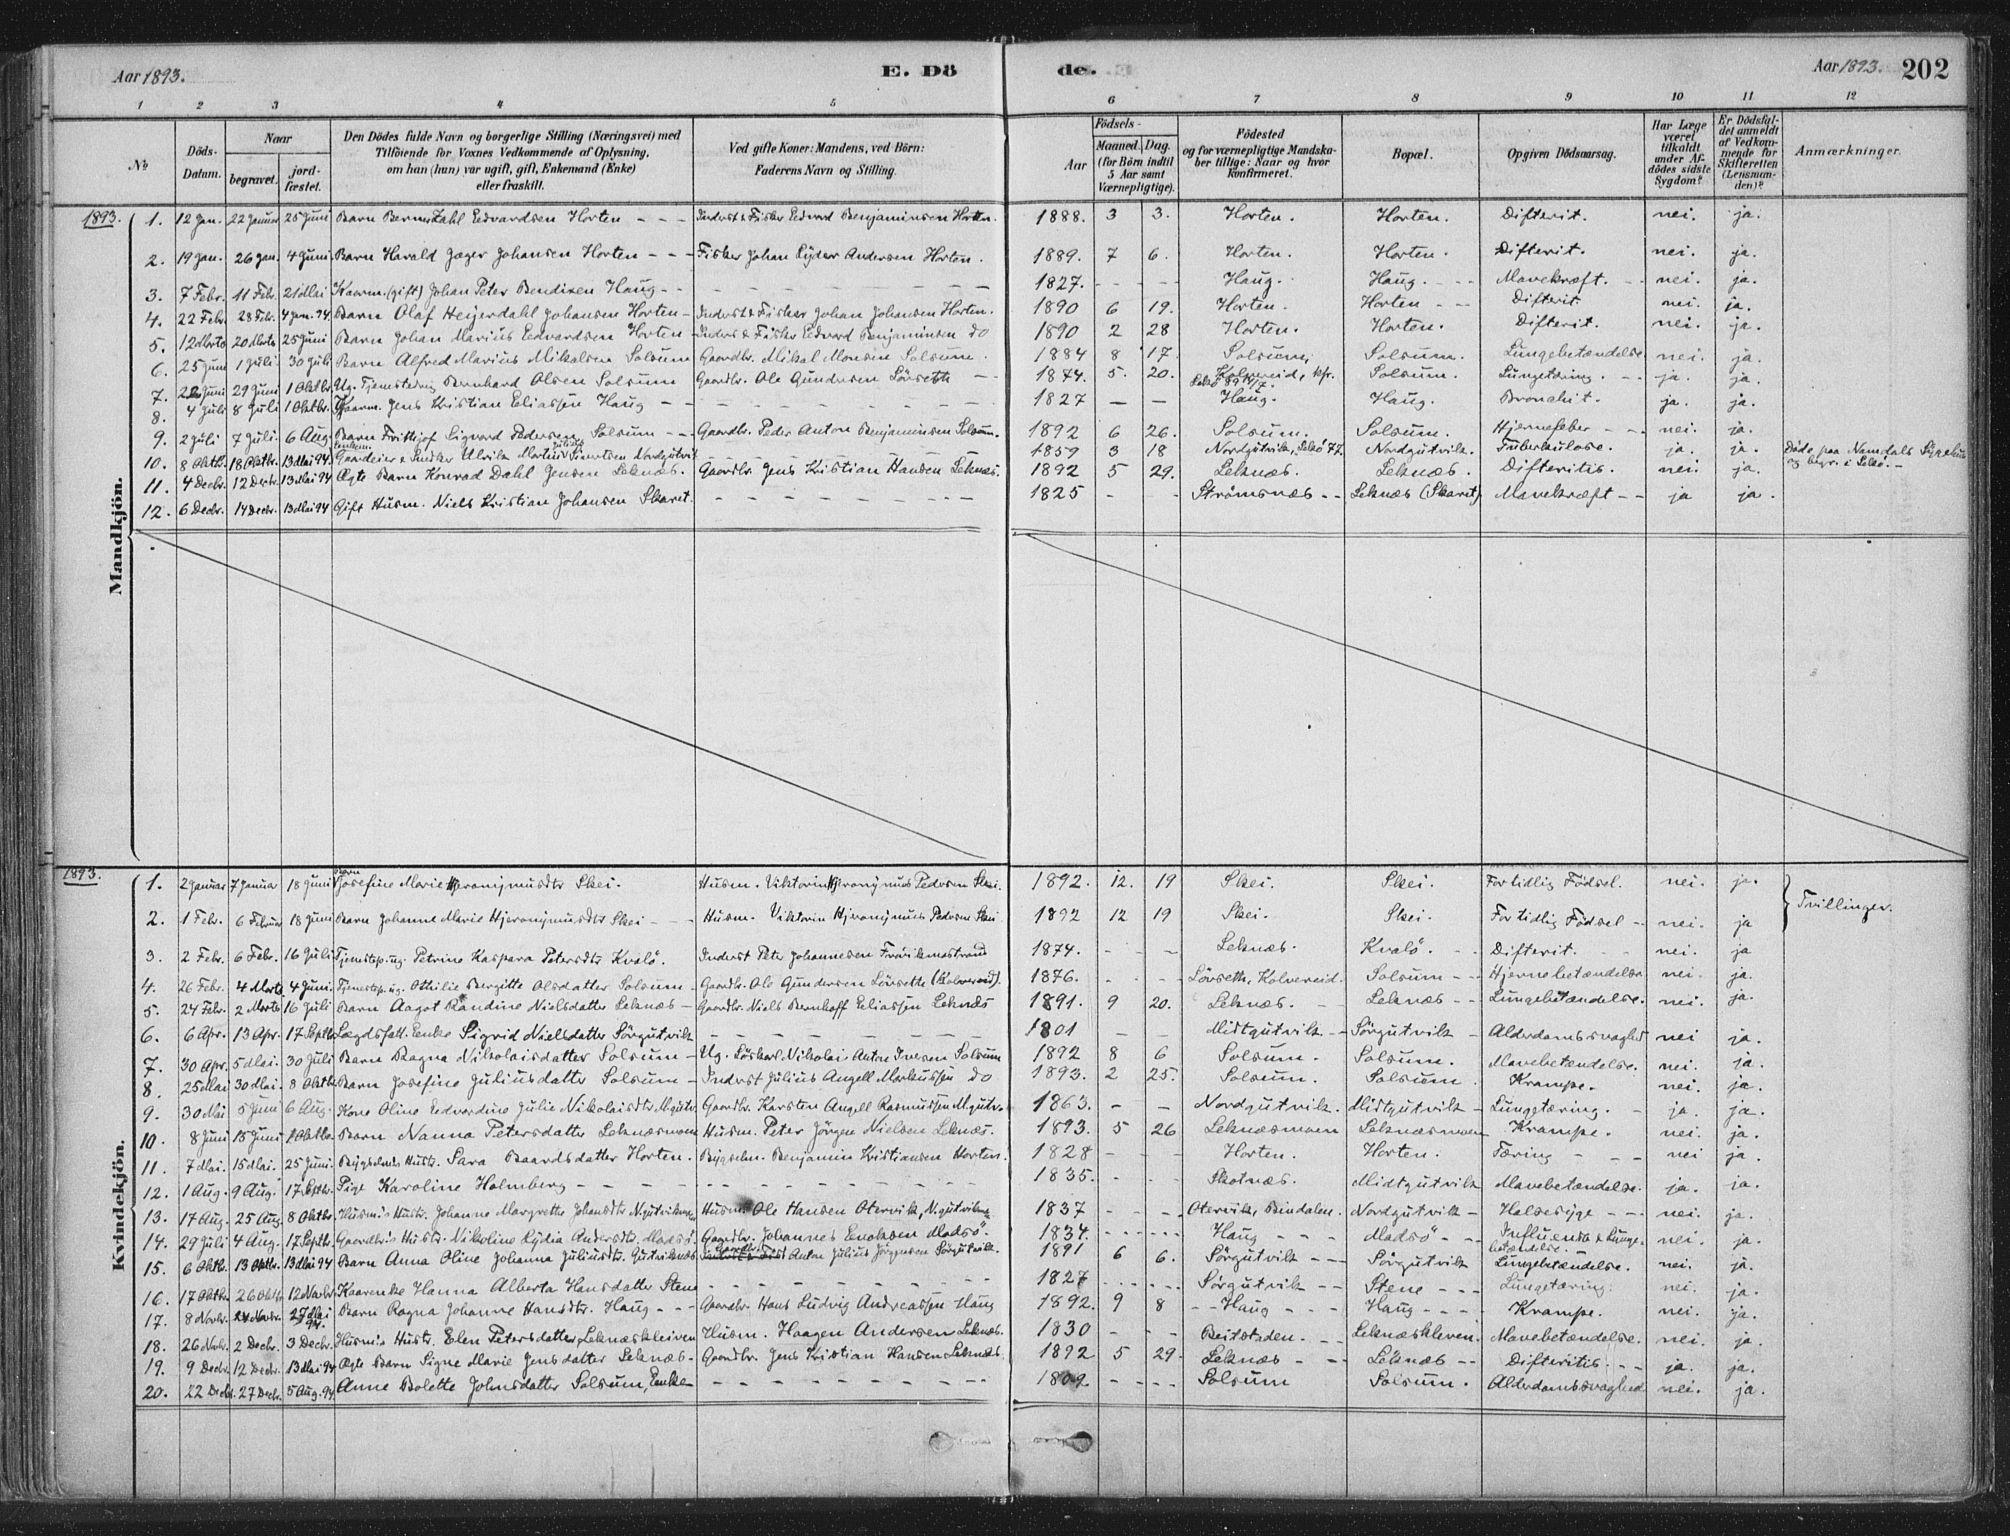 SAT, Ministerialprotokoller, klokkerbøker og fødselsregistre - Nord-Trøndelag, 788/L0697: Ministerialbok nr. 788A04, 1878-1902, s. 202